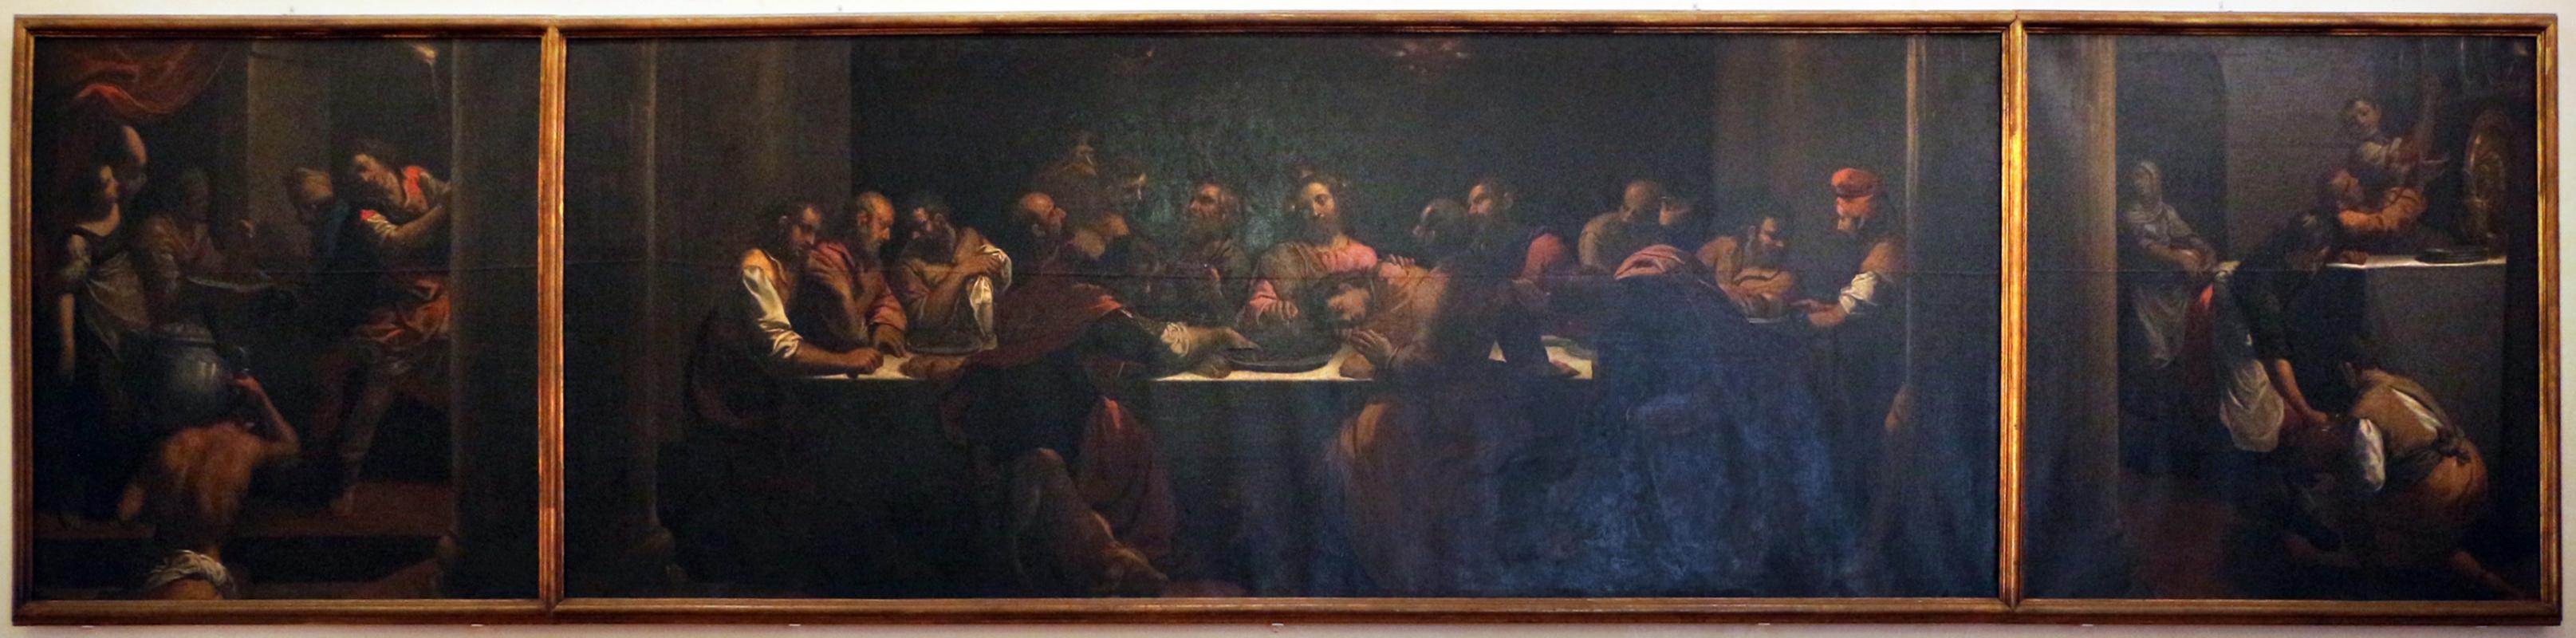 Scarsellino, ultima cena tra due scene di preparazione, da ospedale rizzoli a bologna, 01 - Sailko - Ferrara (FE)